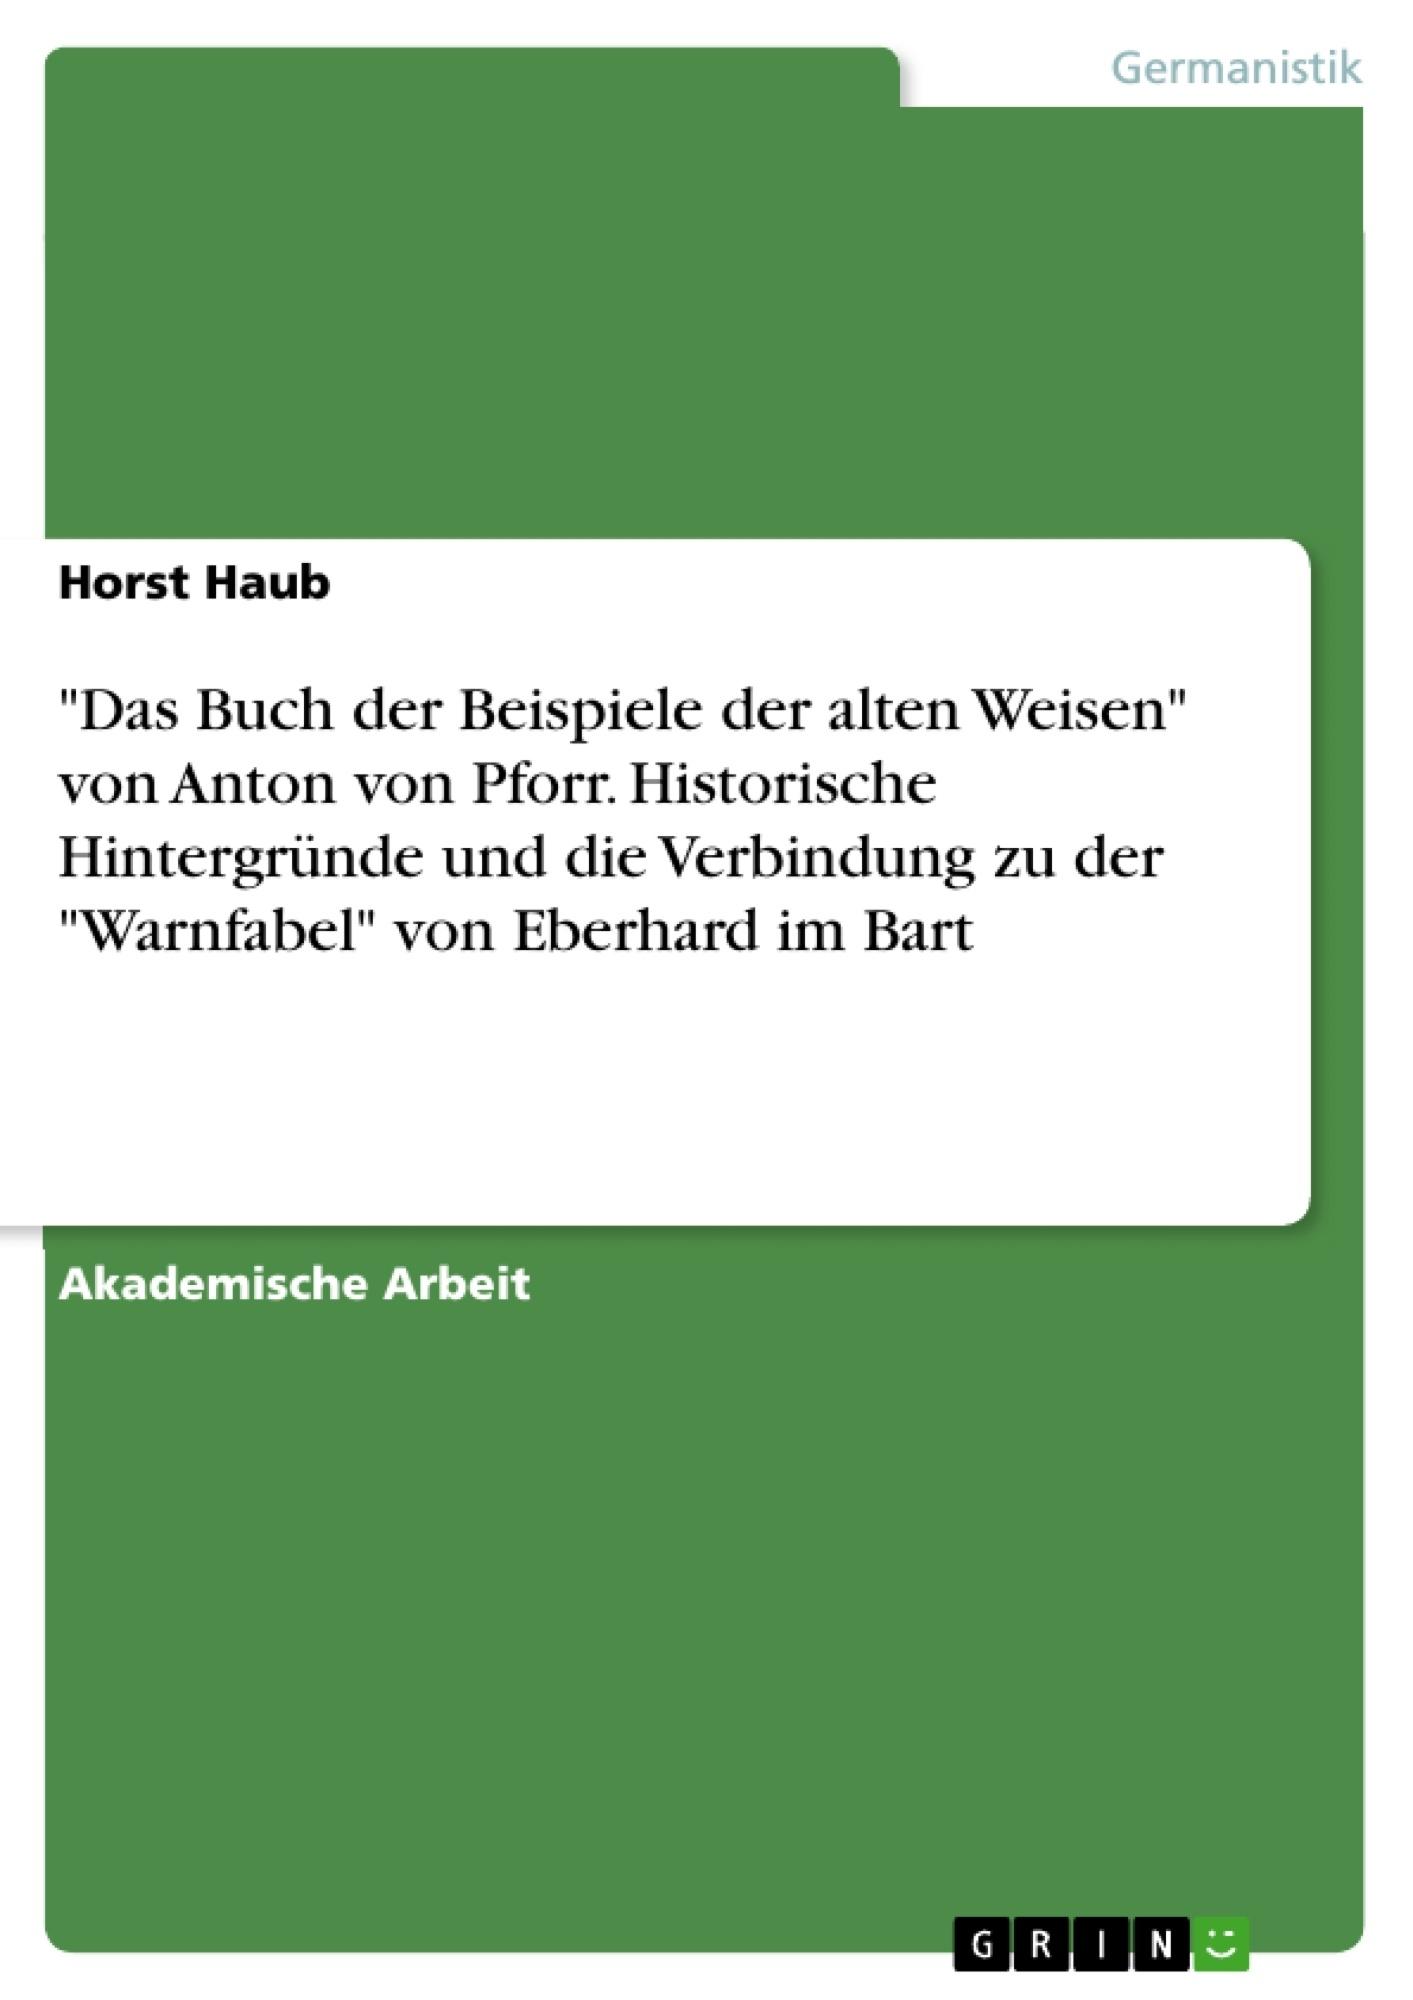 """Titel: """"Das Buch der Beispiele der alten Weisen"""" von Anton von Pforr. Historische Hintergründe und die Verbindung zu der """"Warnfabel"""" von Eberhard im Bart"""